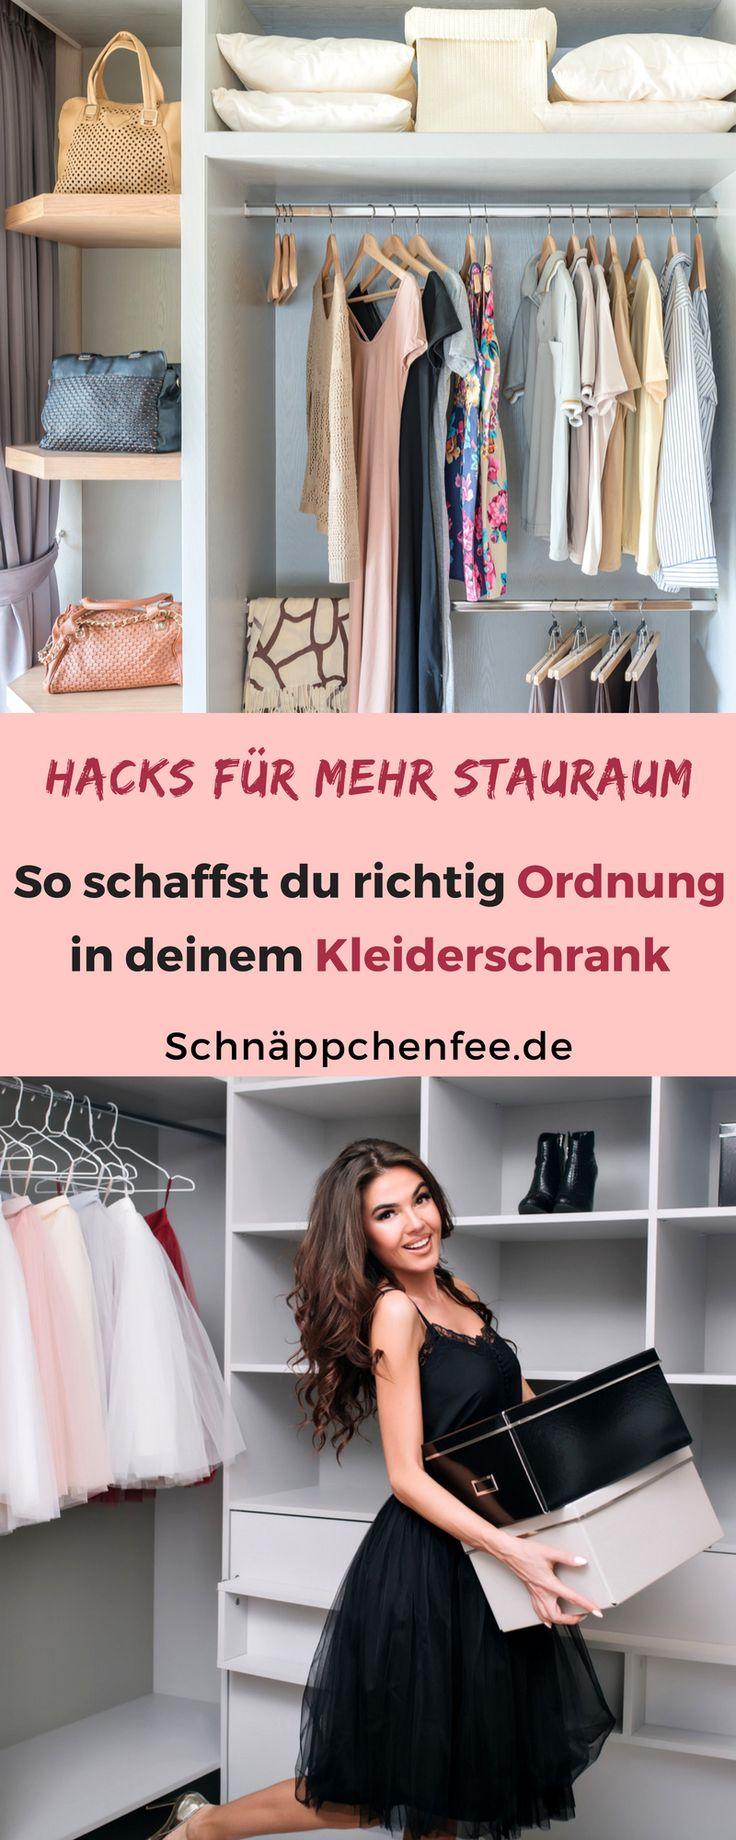 Ordnung im Kleiderschrank: Mit diesen Tipps klappt's!